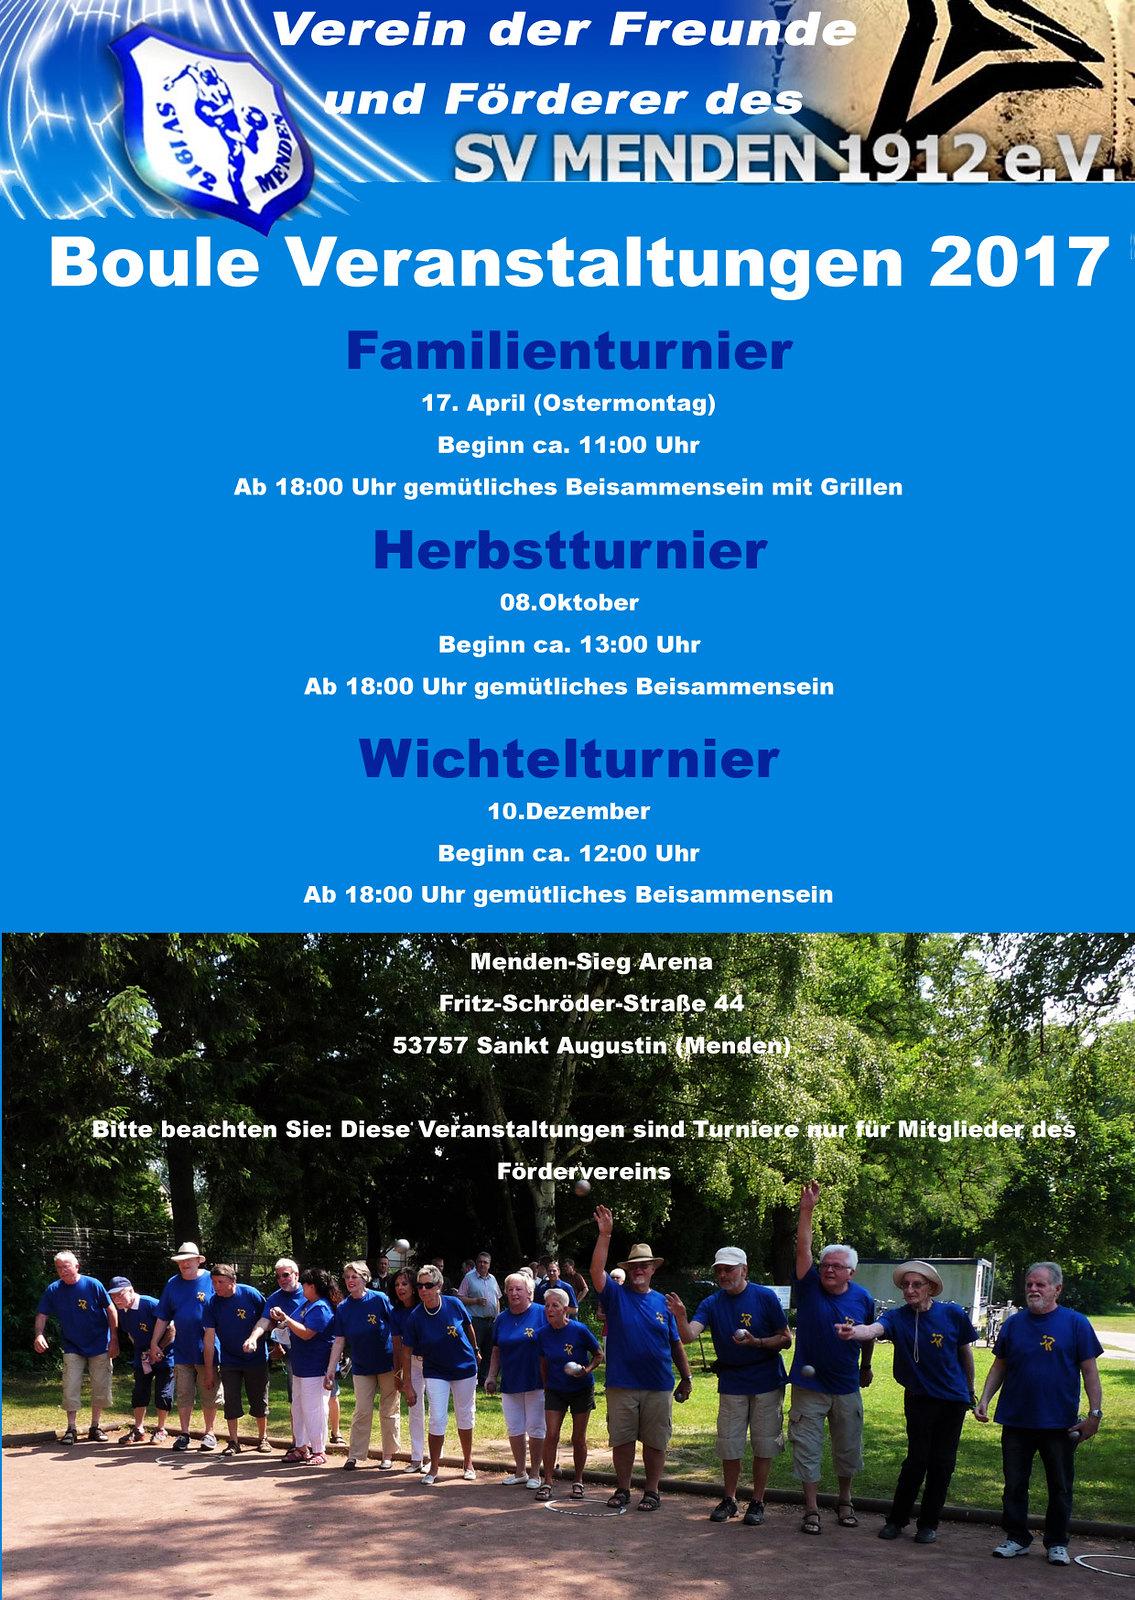 Bouleturniere_2017